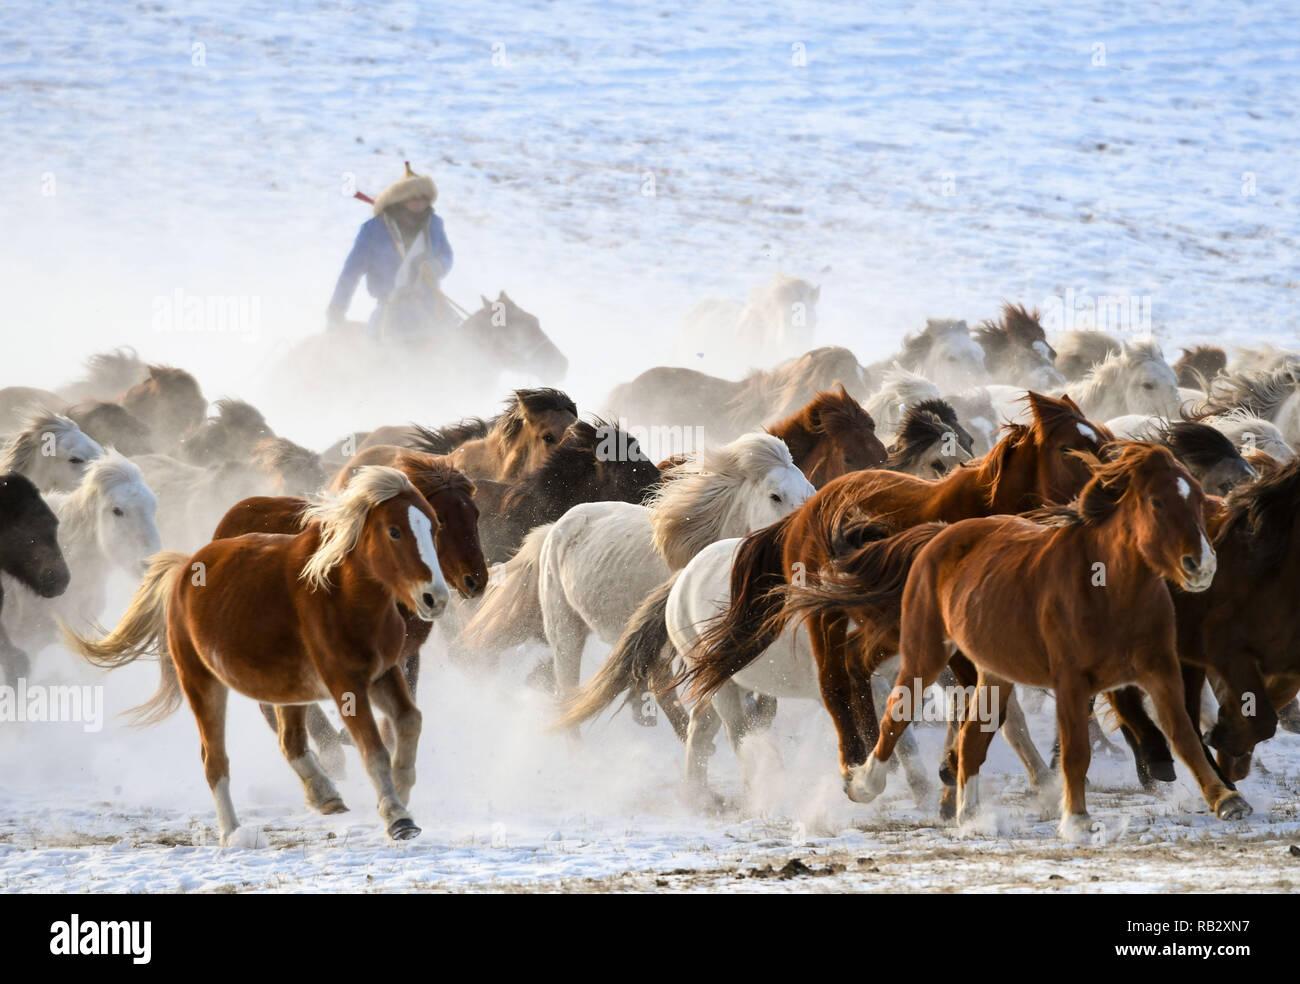 Chifeng, la Cina della Mongolia Interna Regione Autonoma. Il 6 gennaio, 2019. Una unità di pastore cavalli sulla neve-coperta di pascoli nel banner Hexigten di Chifeng City, a nord della Cina di Mongolia Interna Regione Autonoma, Gennaio 6, 2019. Mongolia Interna saluta un picco stagionale del turismo in inverno di recente. Credito: Peng Yuan/Xinhua/Alamy Live News Immagini Stock